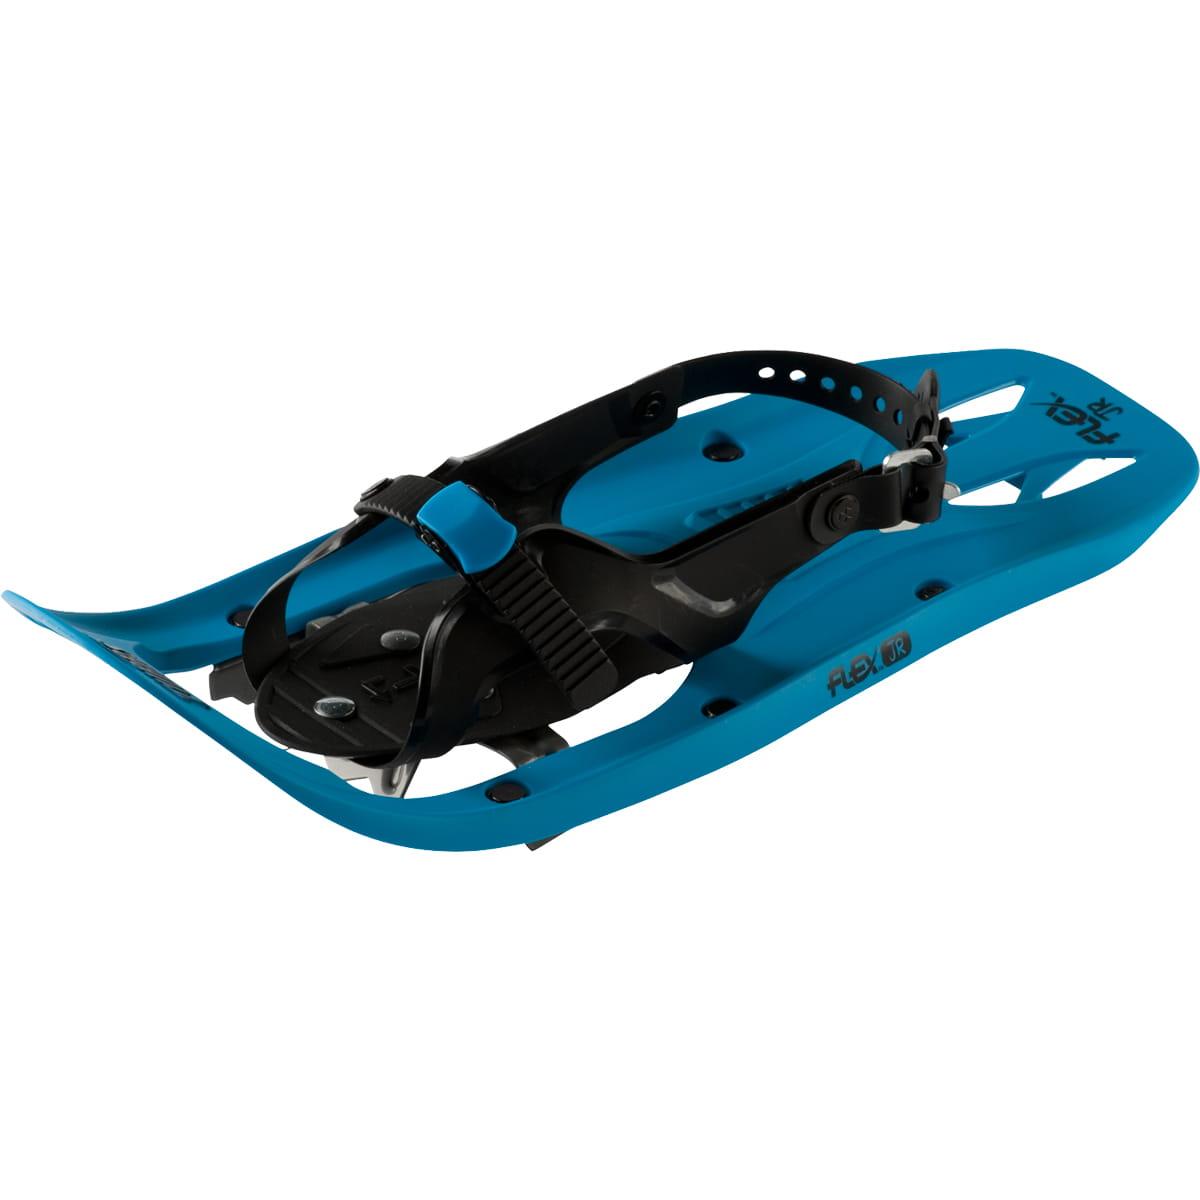 TUBBS Flex JR - Junior - Schneeschuhe für Kinder blau - Bild 1